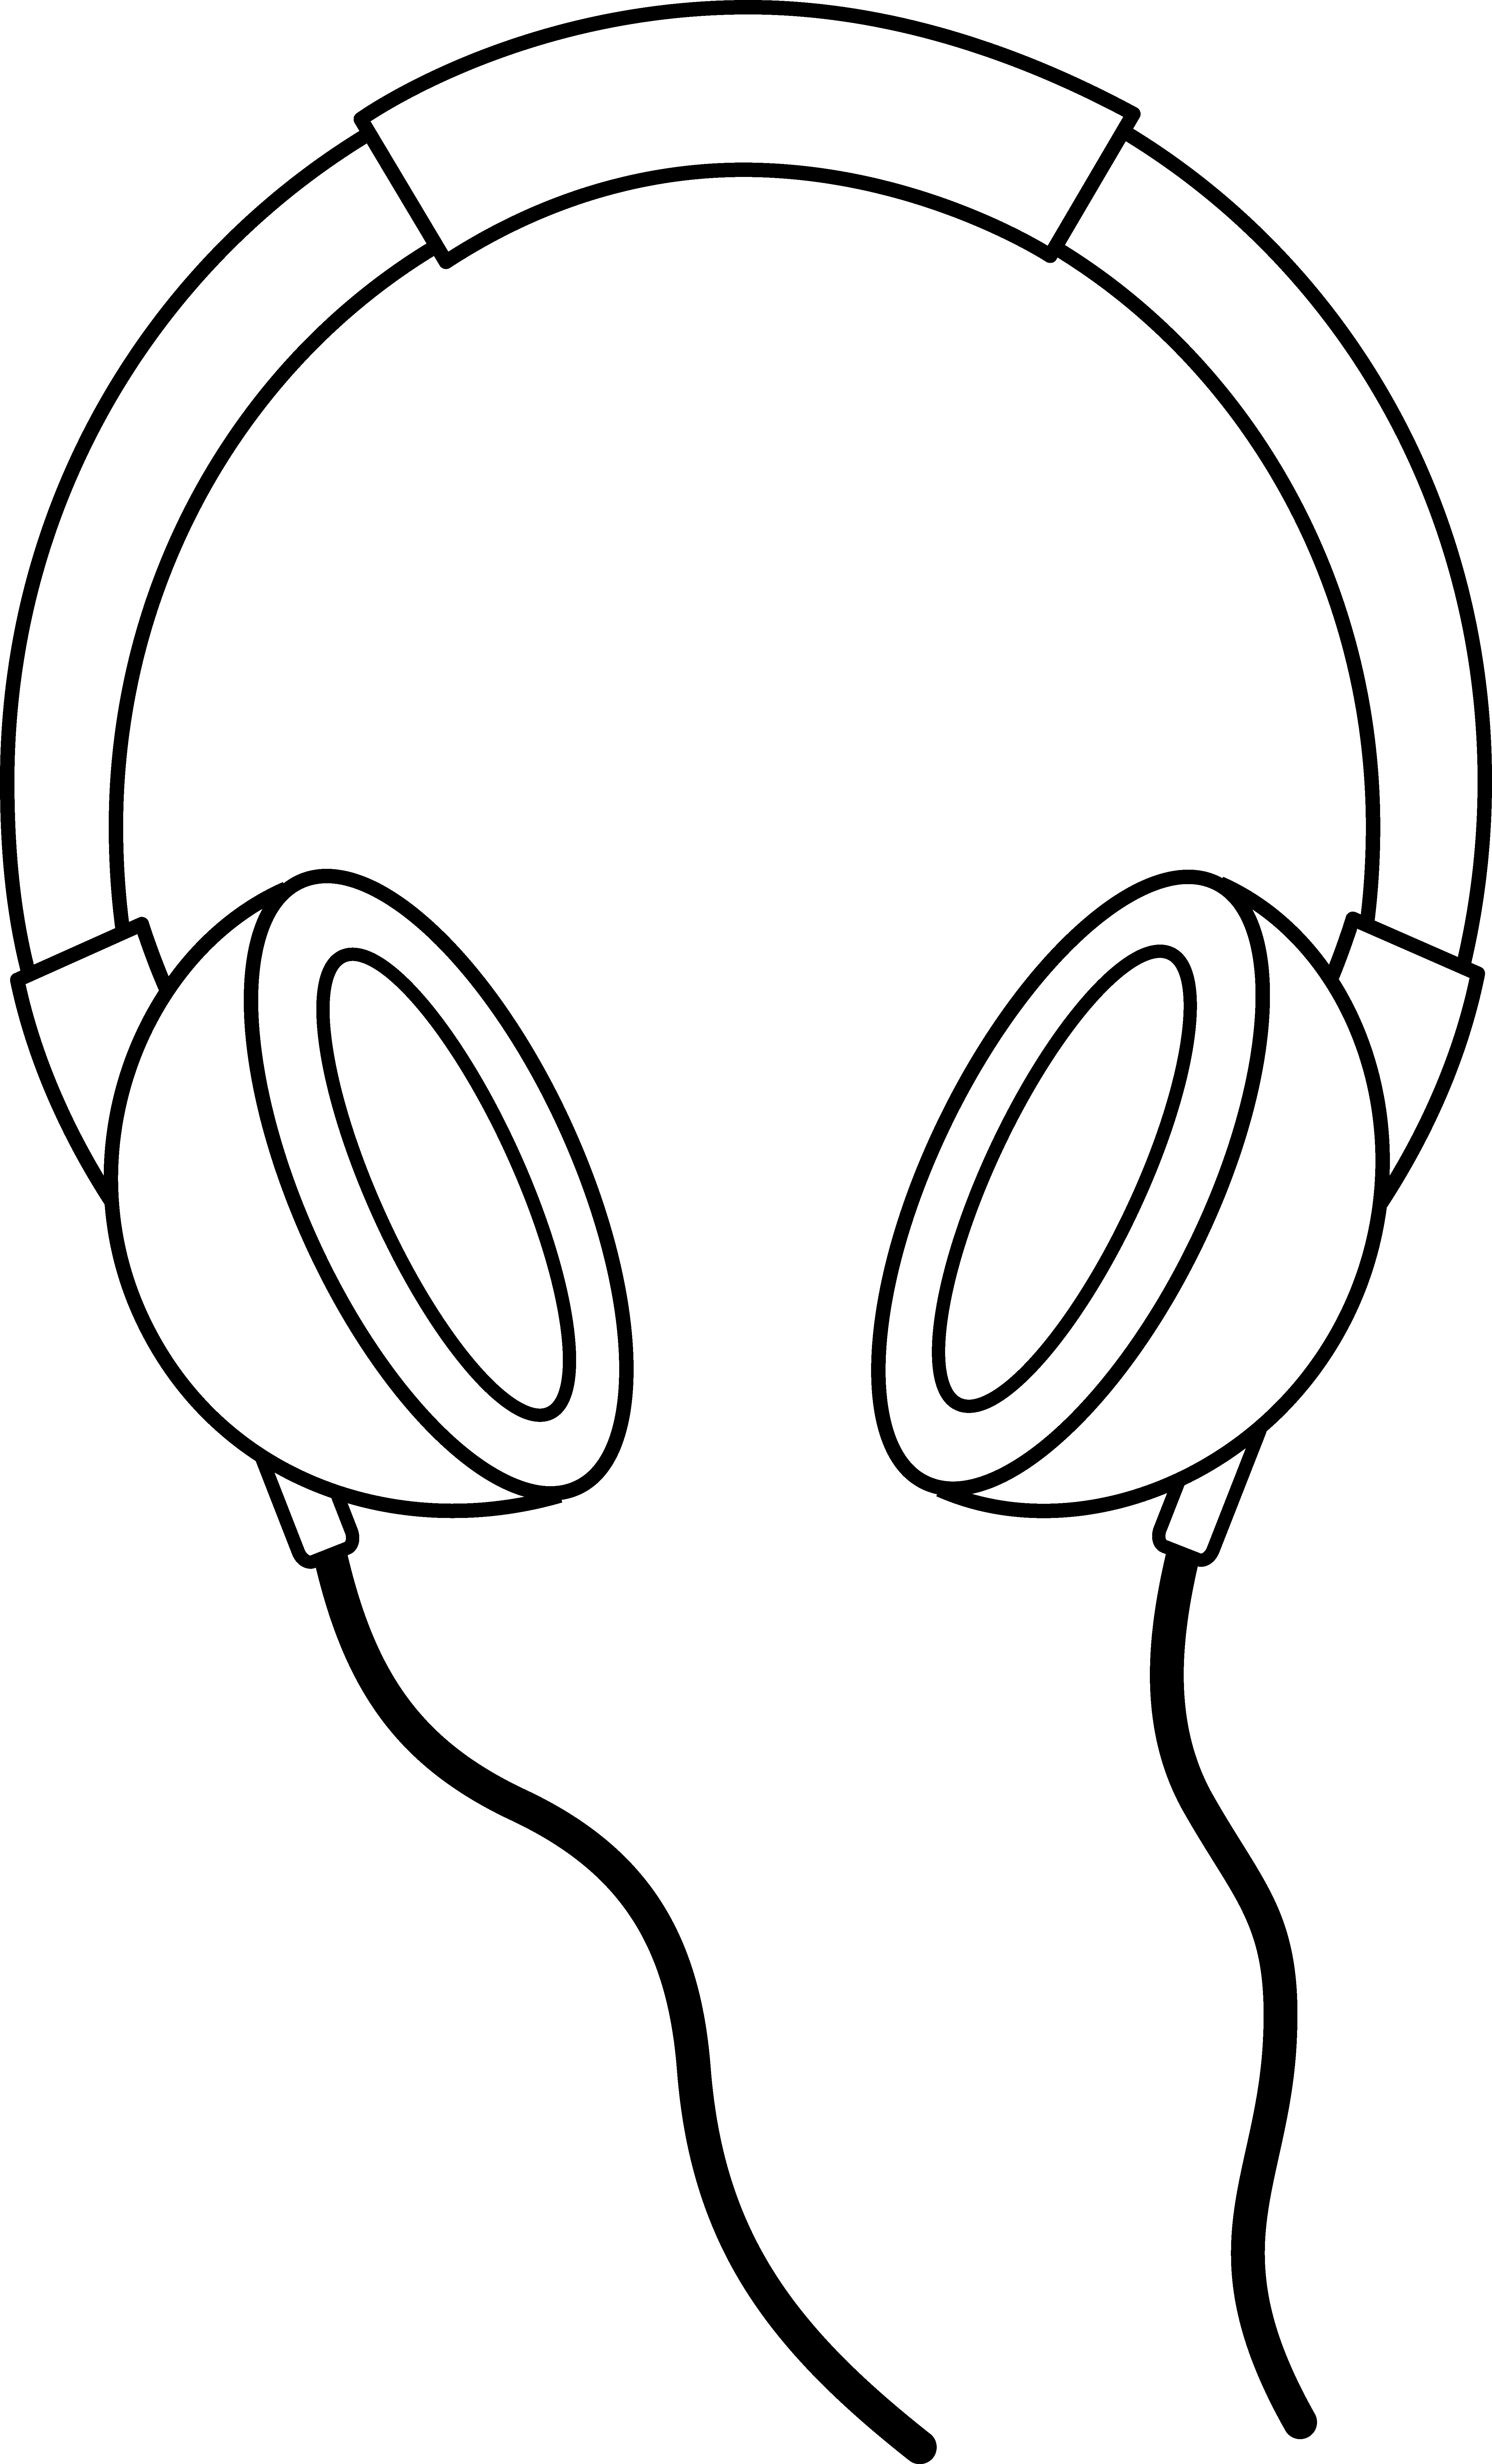 Headphone clipart speaker #5